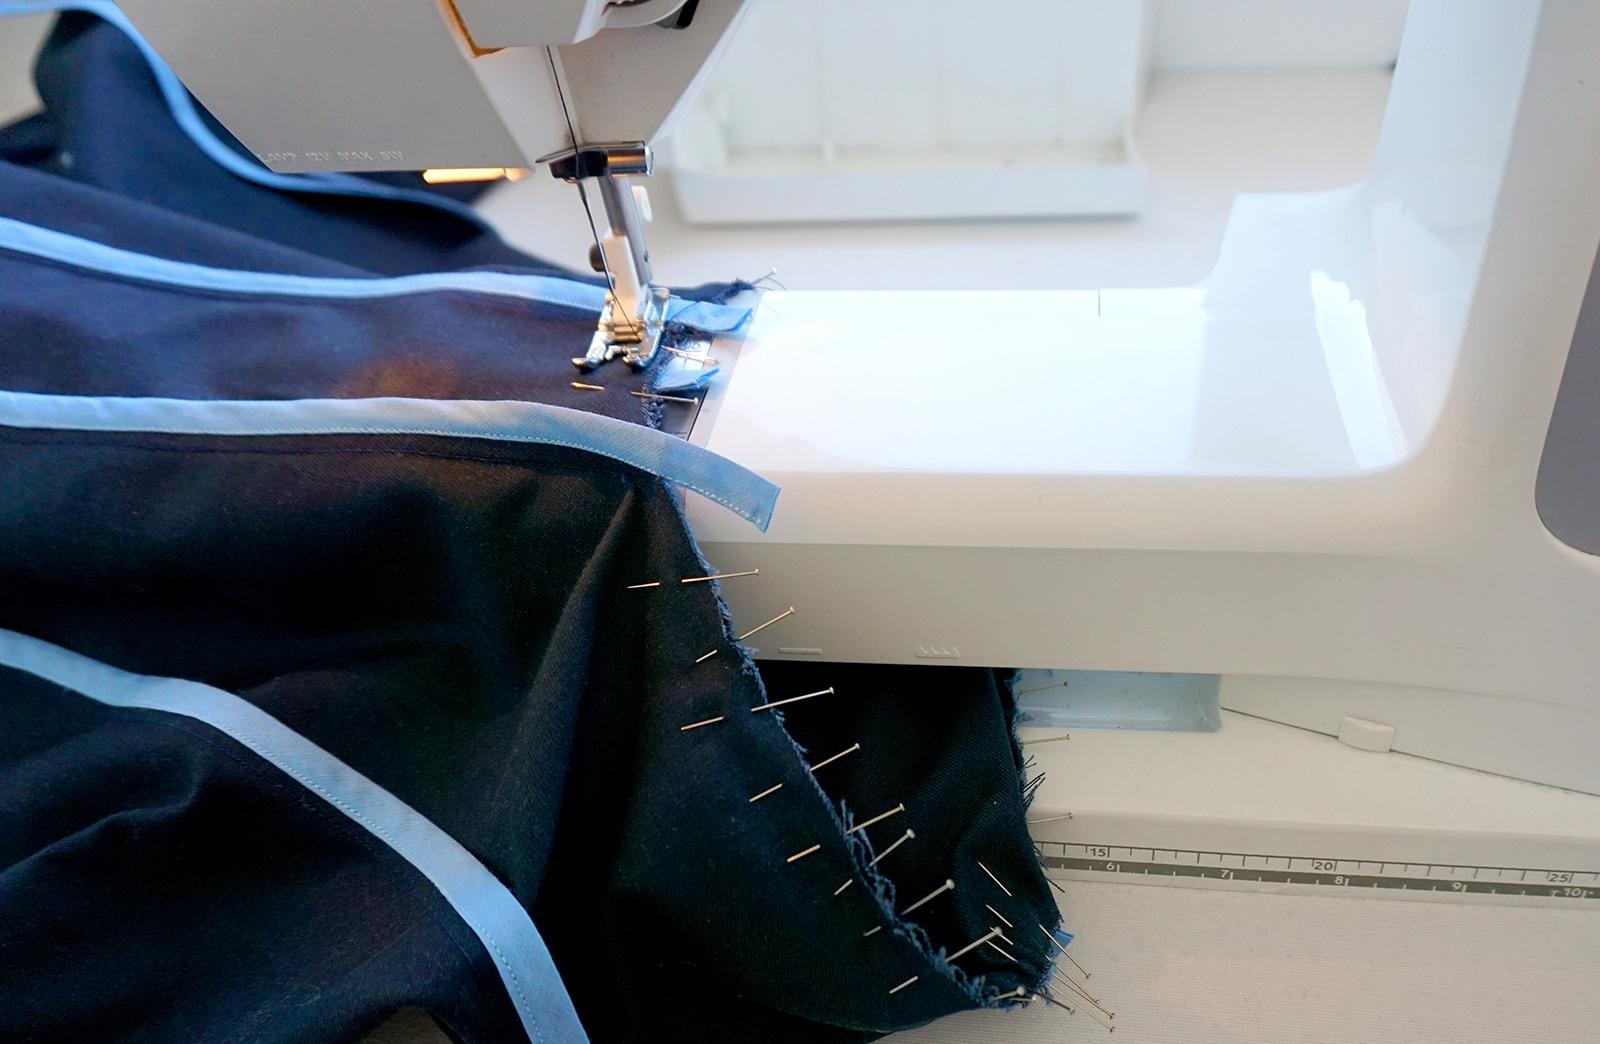 Montage de la manche – Travail en cours machine a coudre – Veste – Projet Bleu – Studio sur-mesure